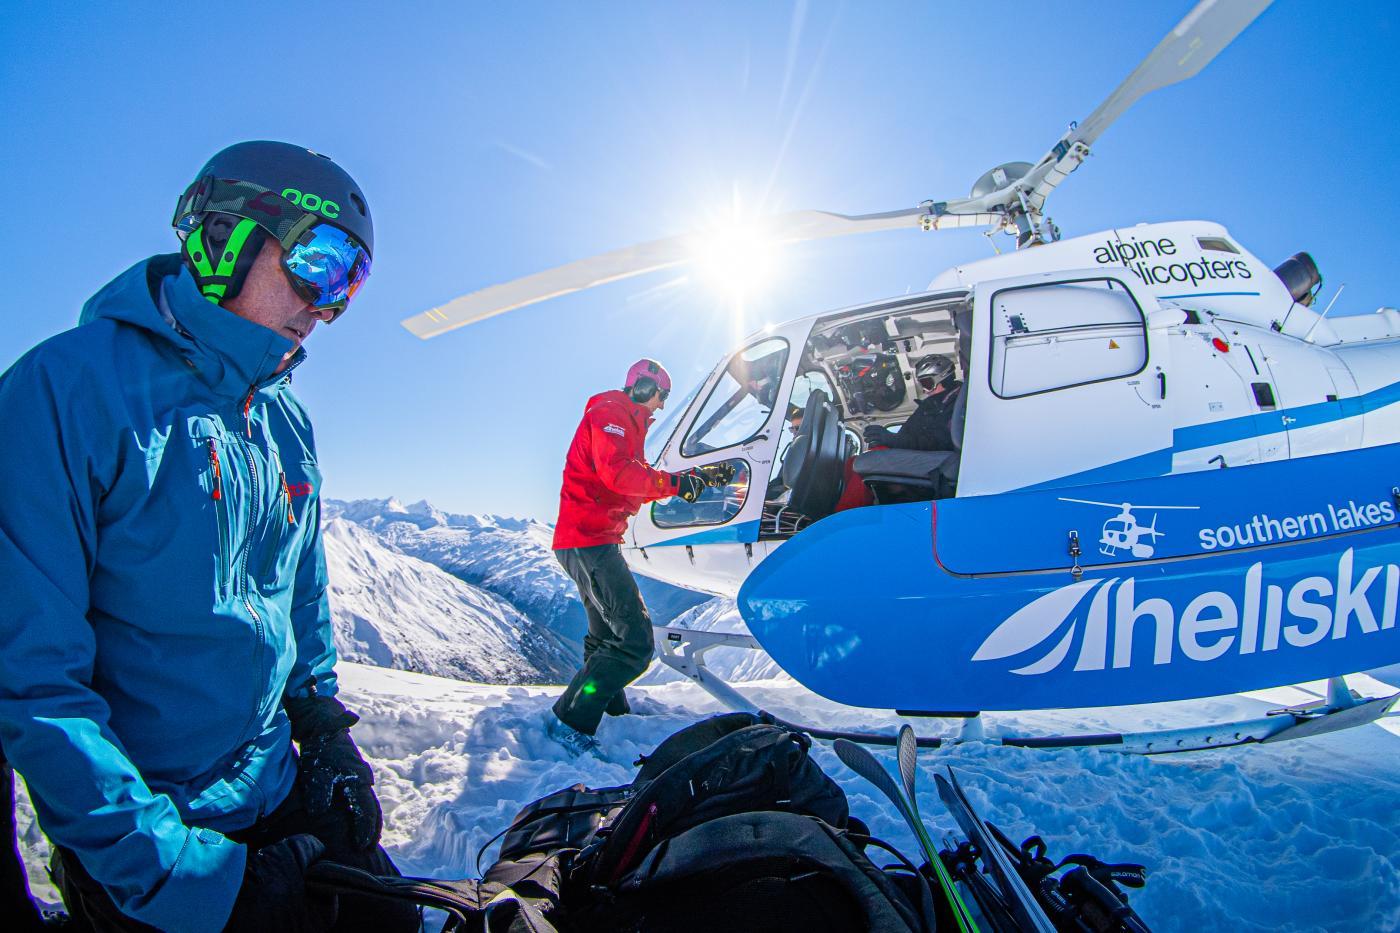 Alpine Heli Ski